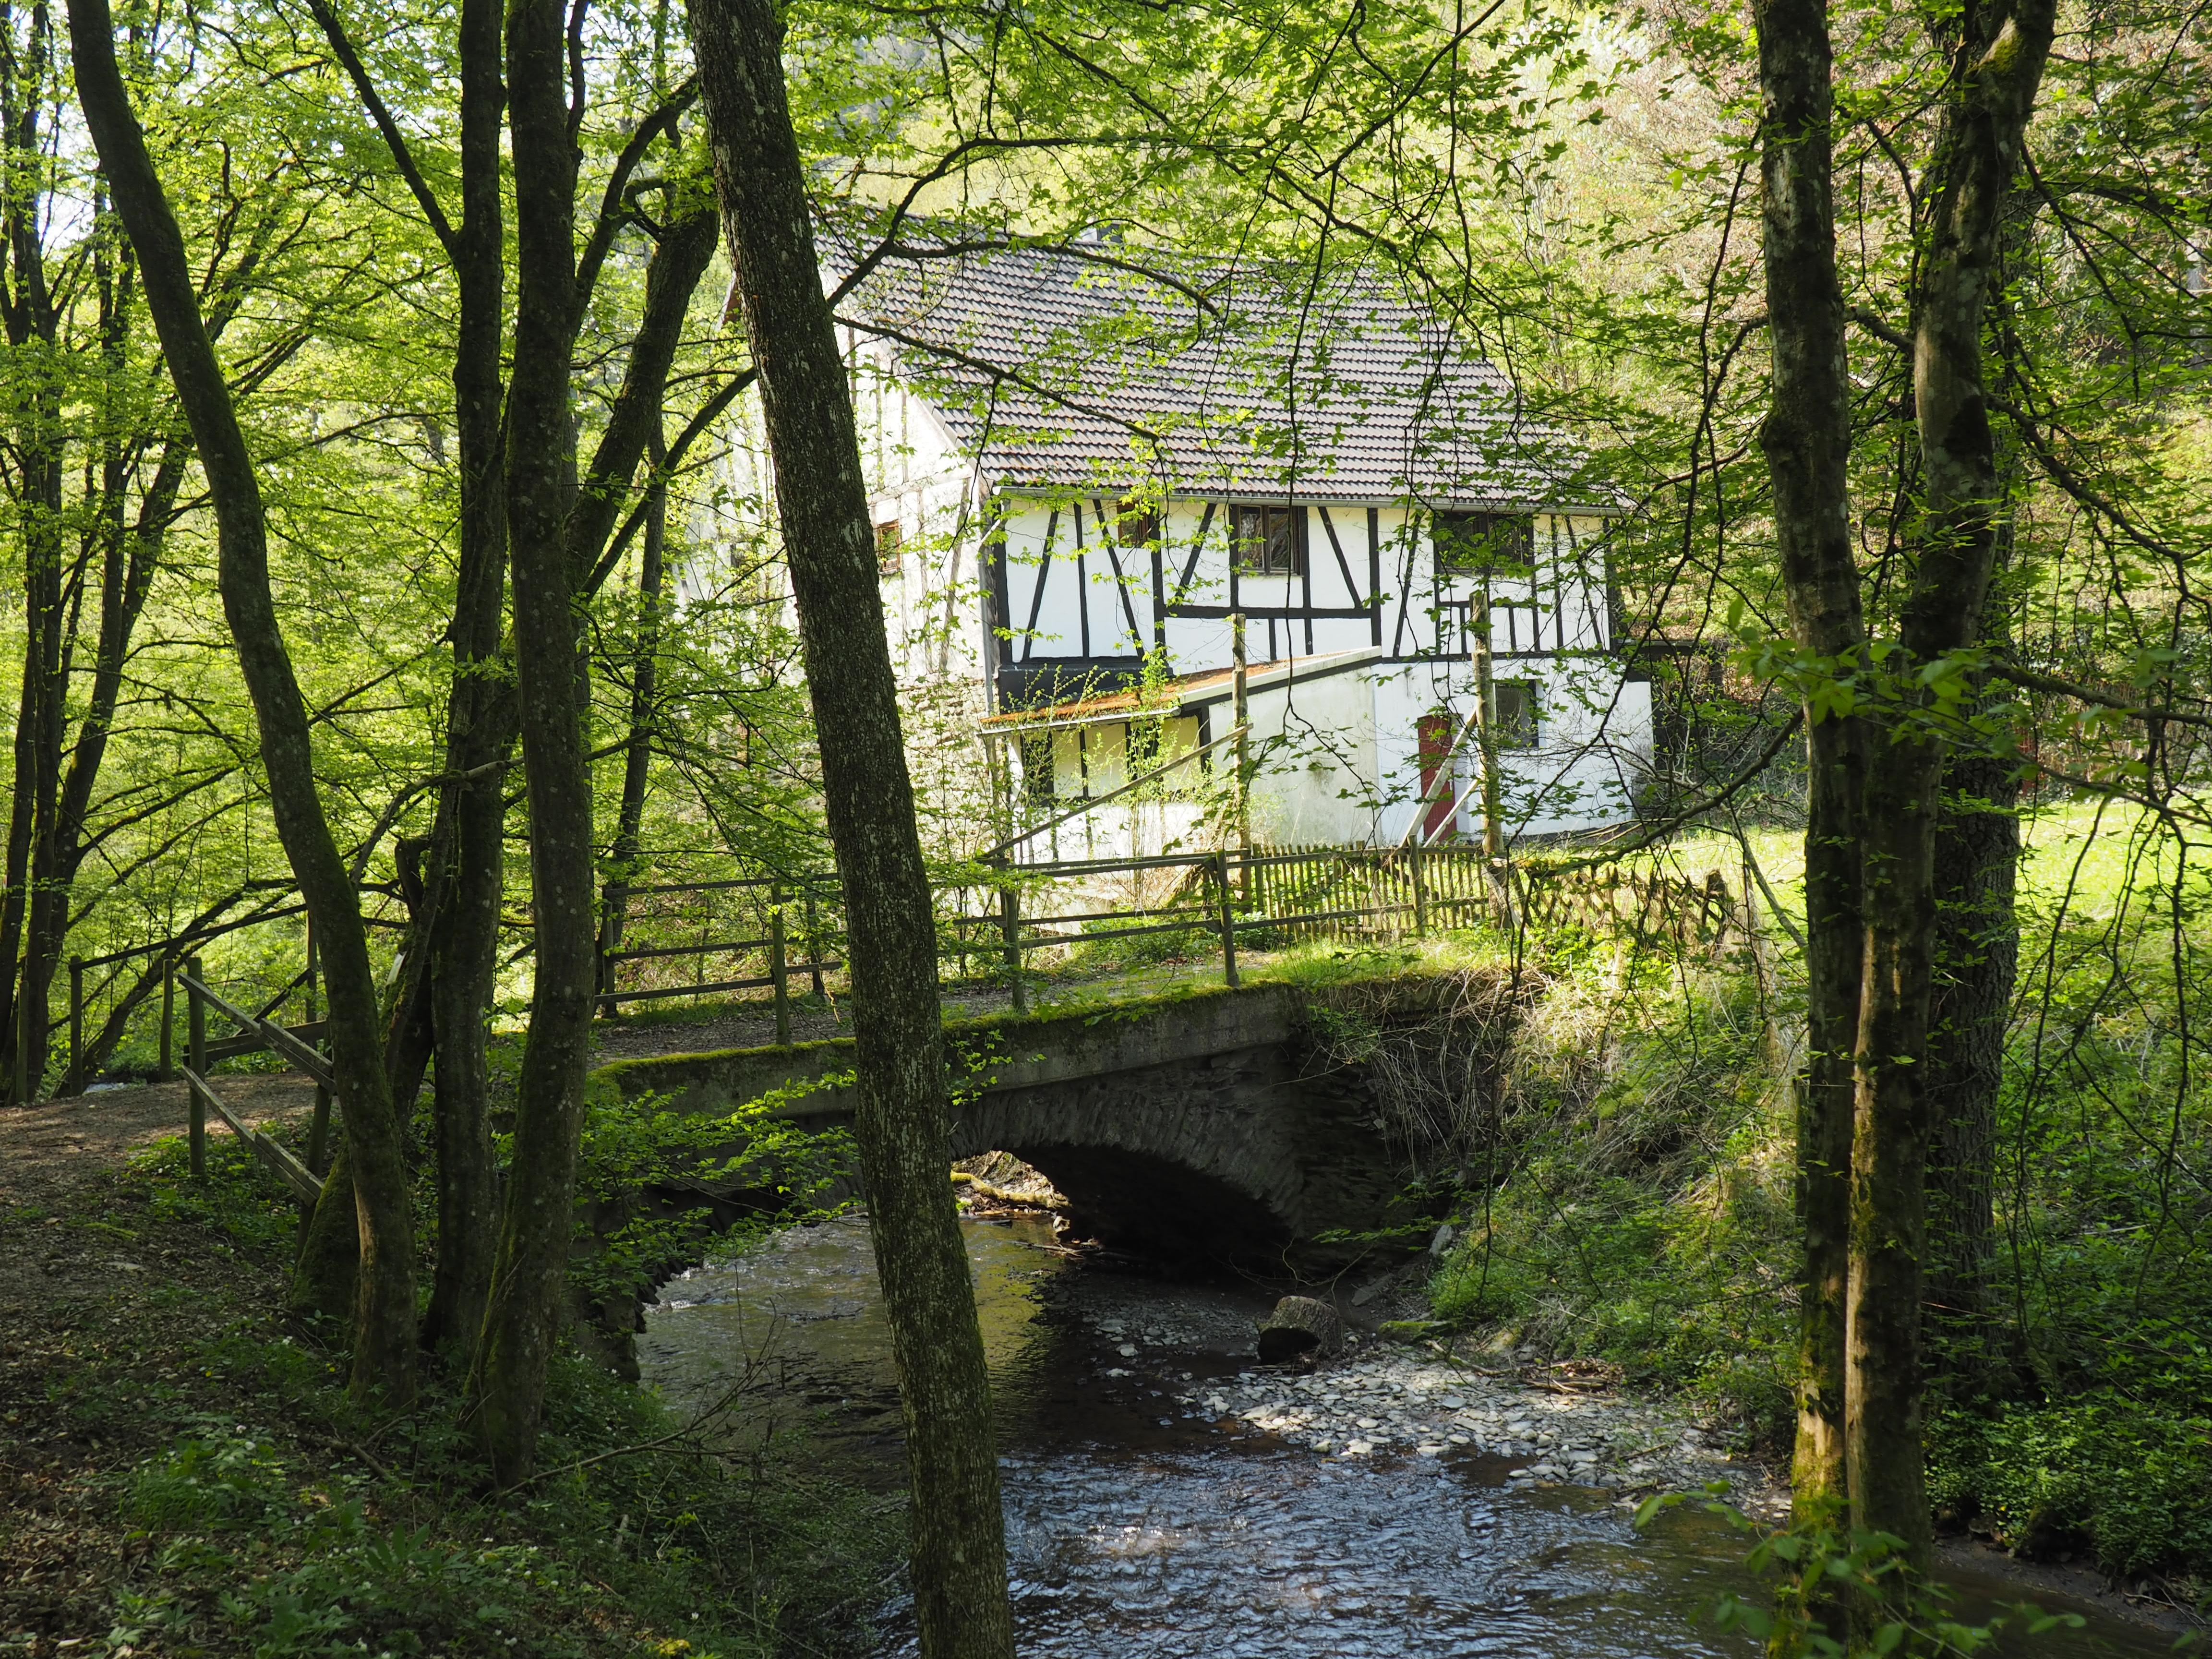 Alte Mühle in der Ehrbachklamm in der Nähe von Brodenbach an der Mosel